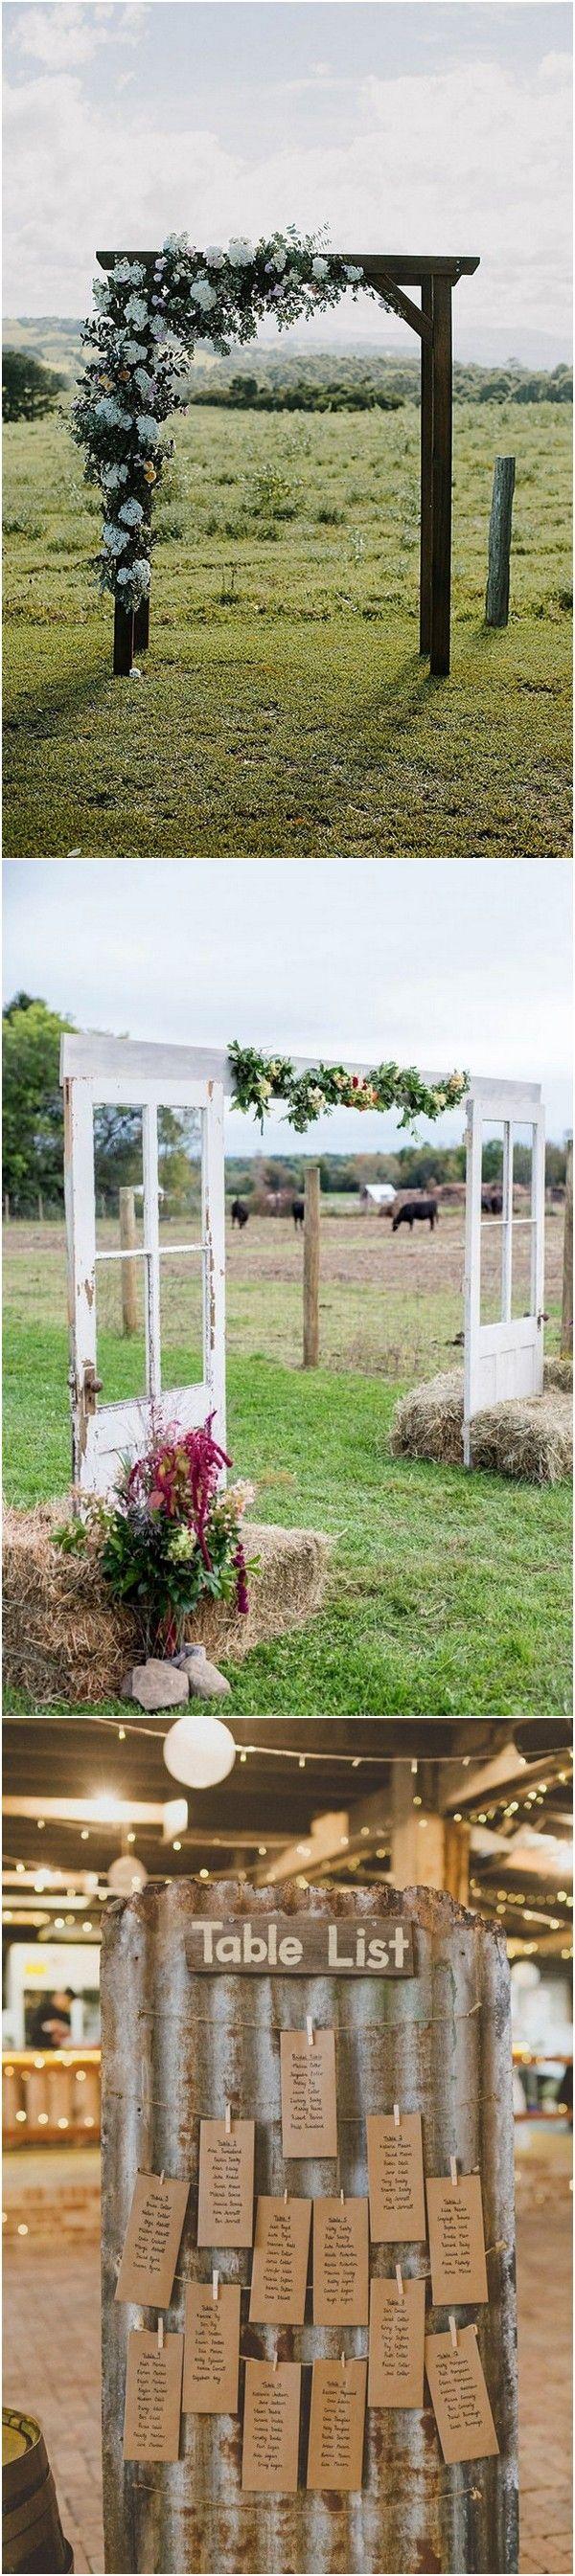 rustic farm wedding decoration ideas #weddingideas #countrywedding #rusticwedding #farmwedding #wedding2018